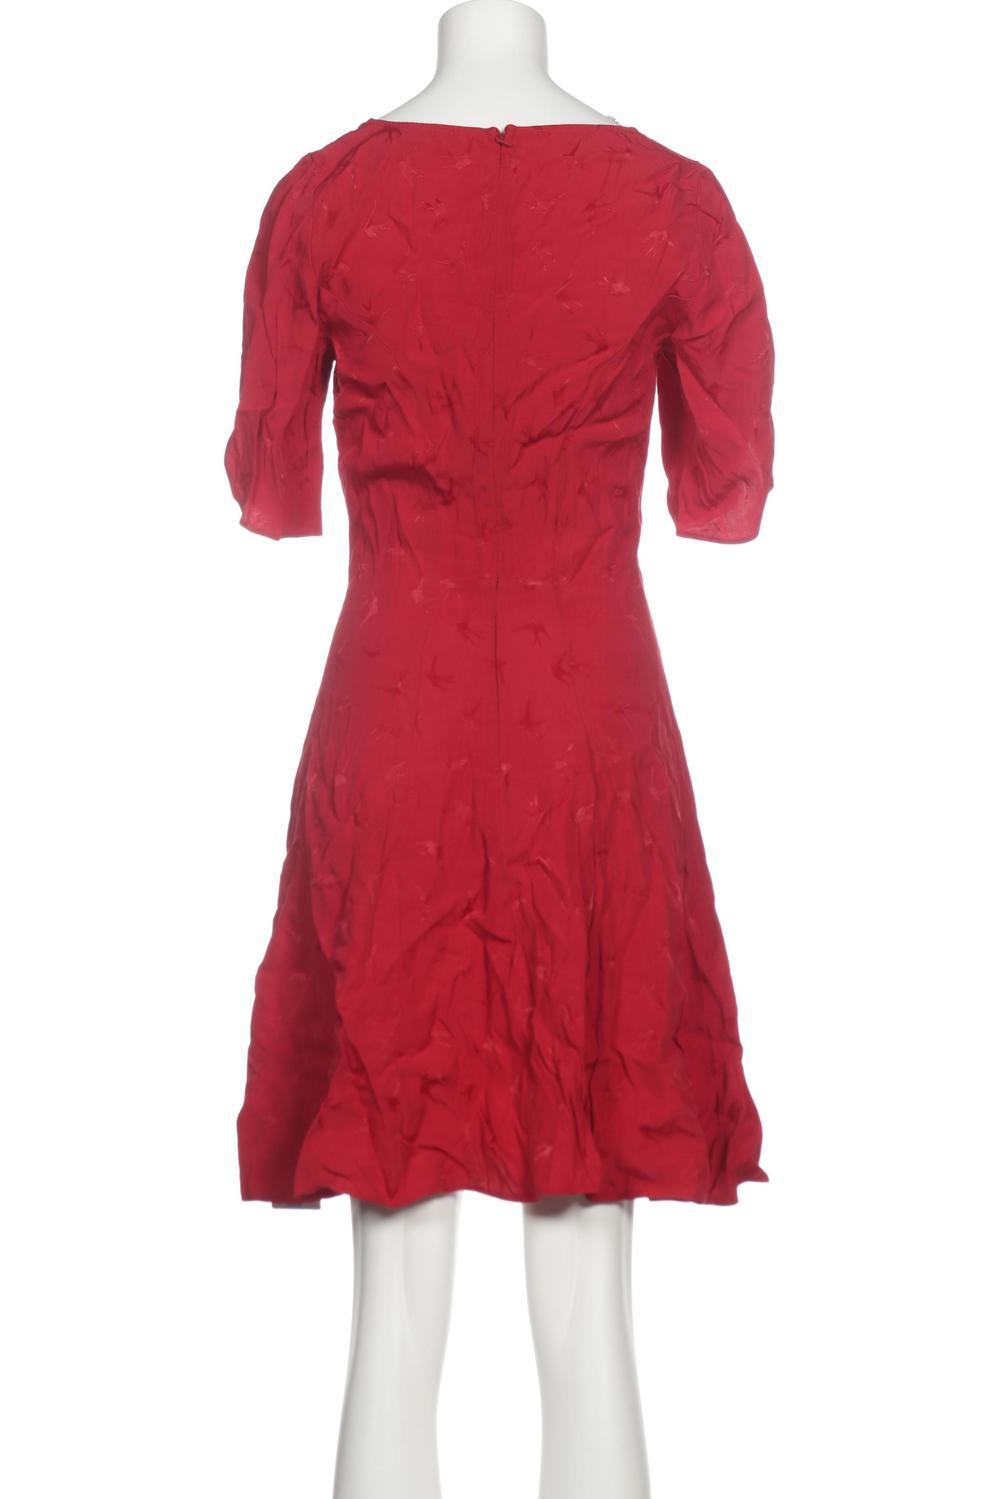 asos Damen Kleid UK 6 Second Hand kaufen | ubup